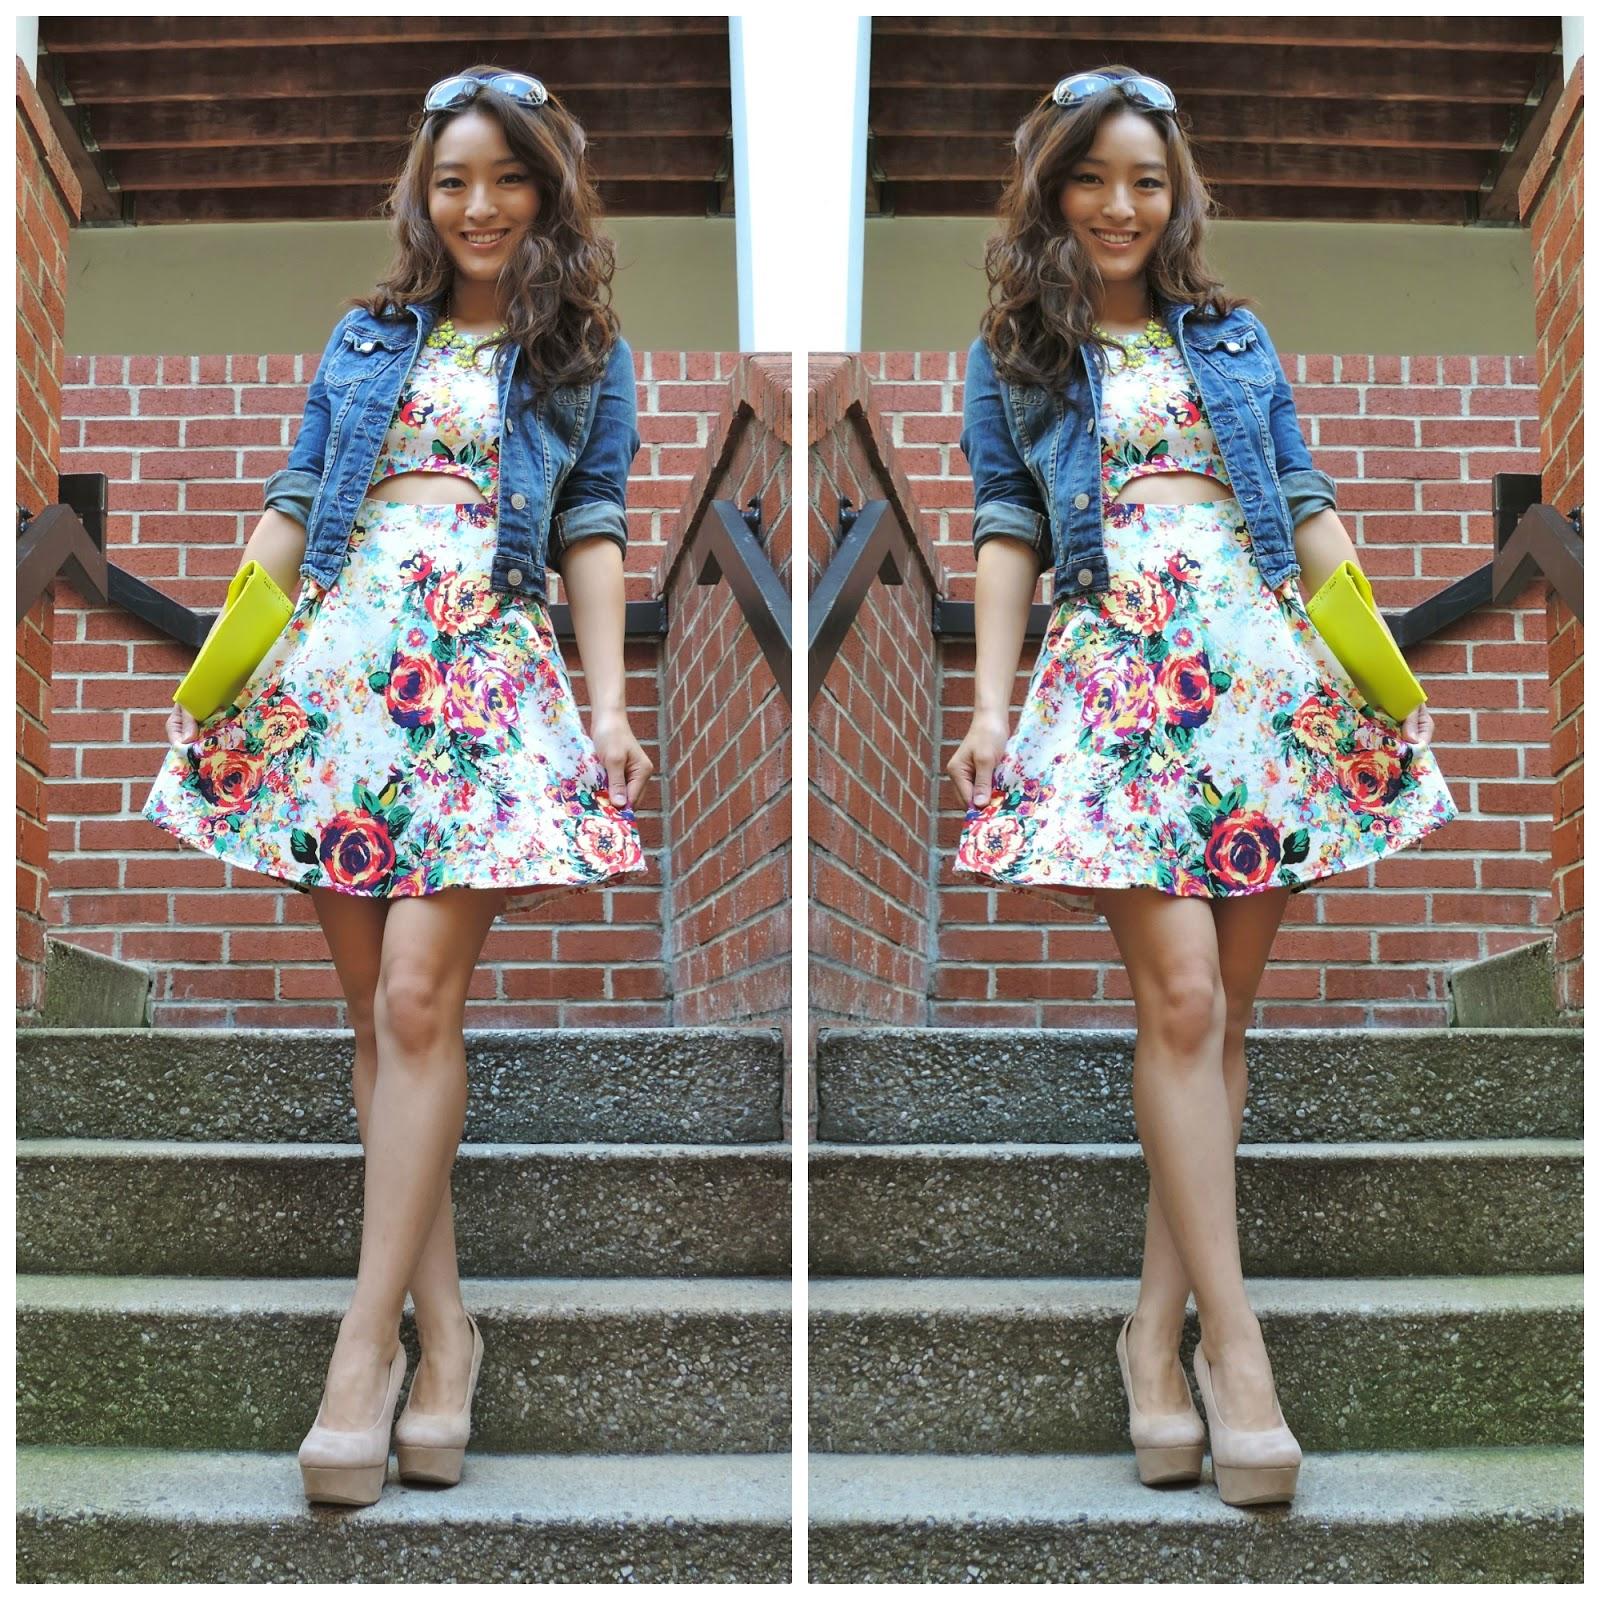 Jacket Over Sleeveless Dress